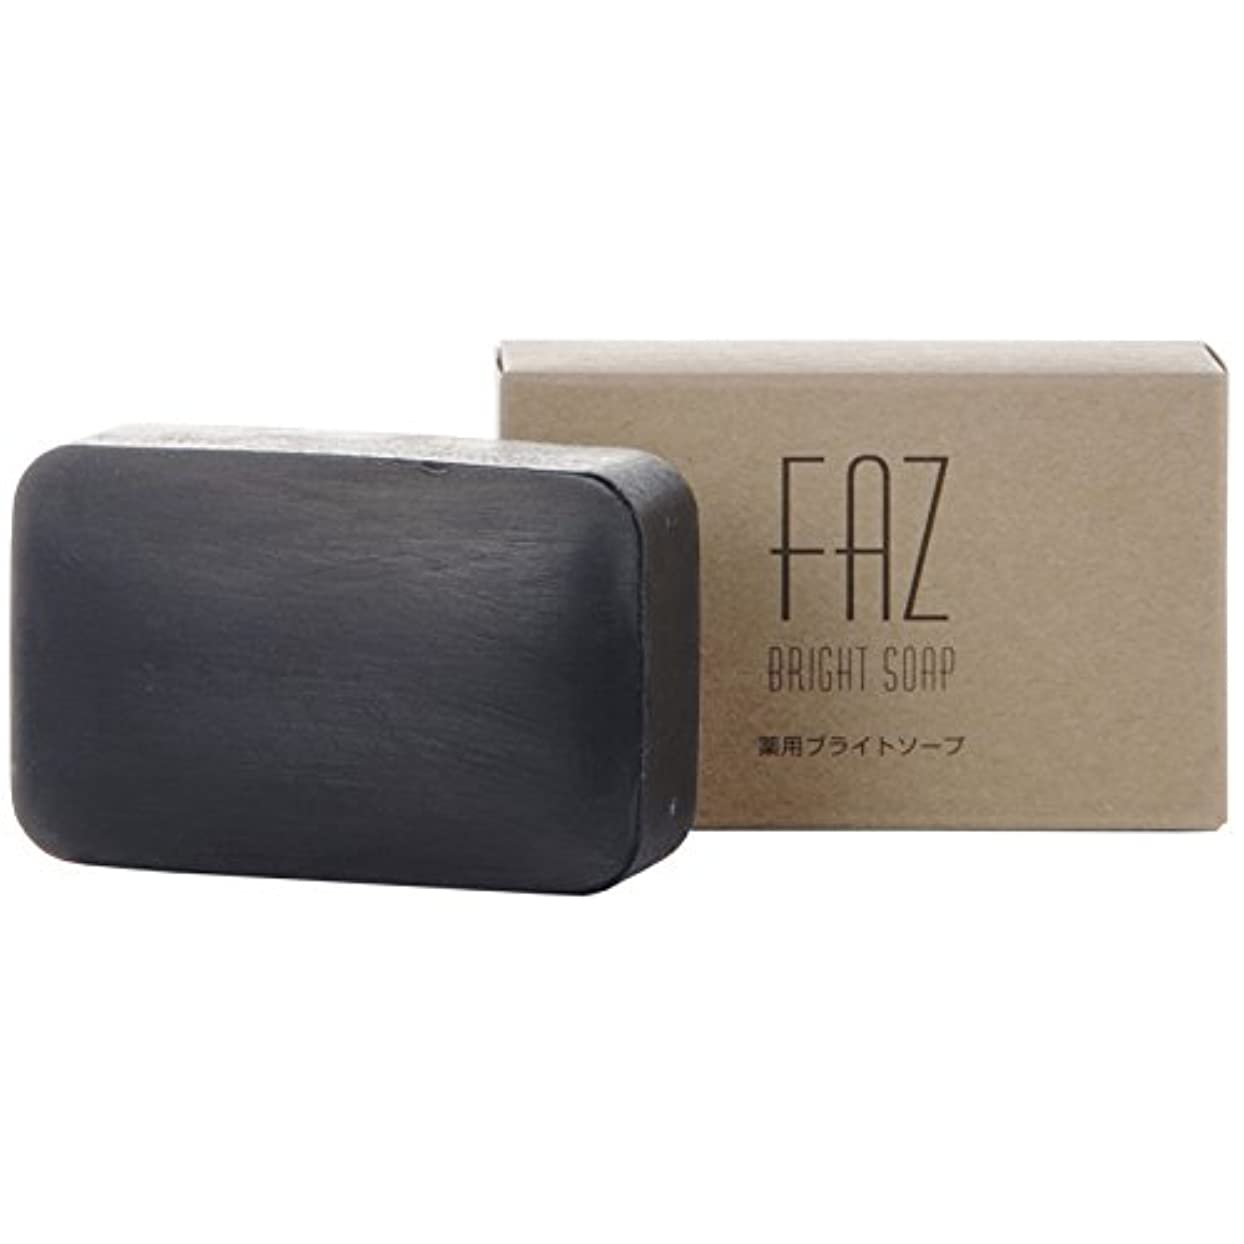 犯人分解する有料FAZ 薬用ブライトソープ 100g